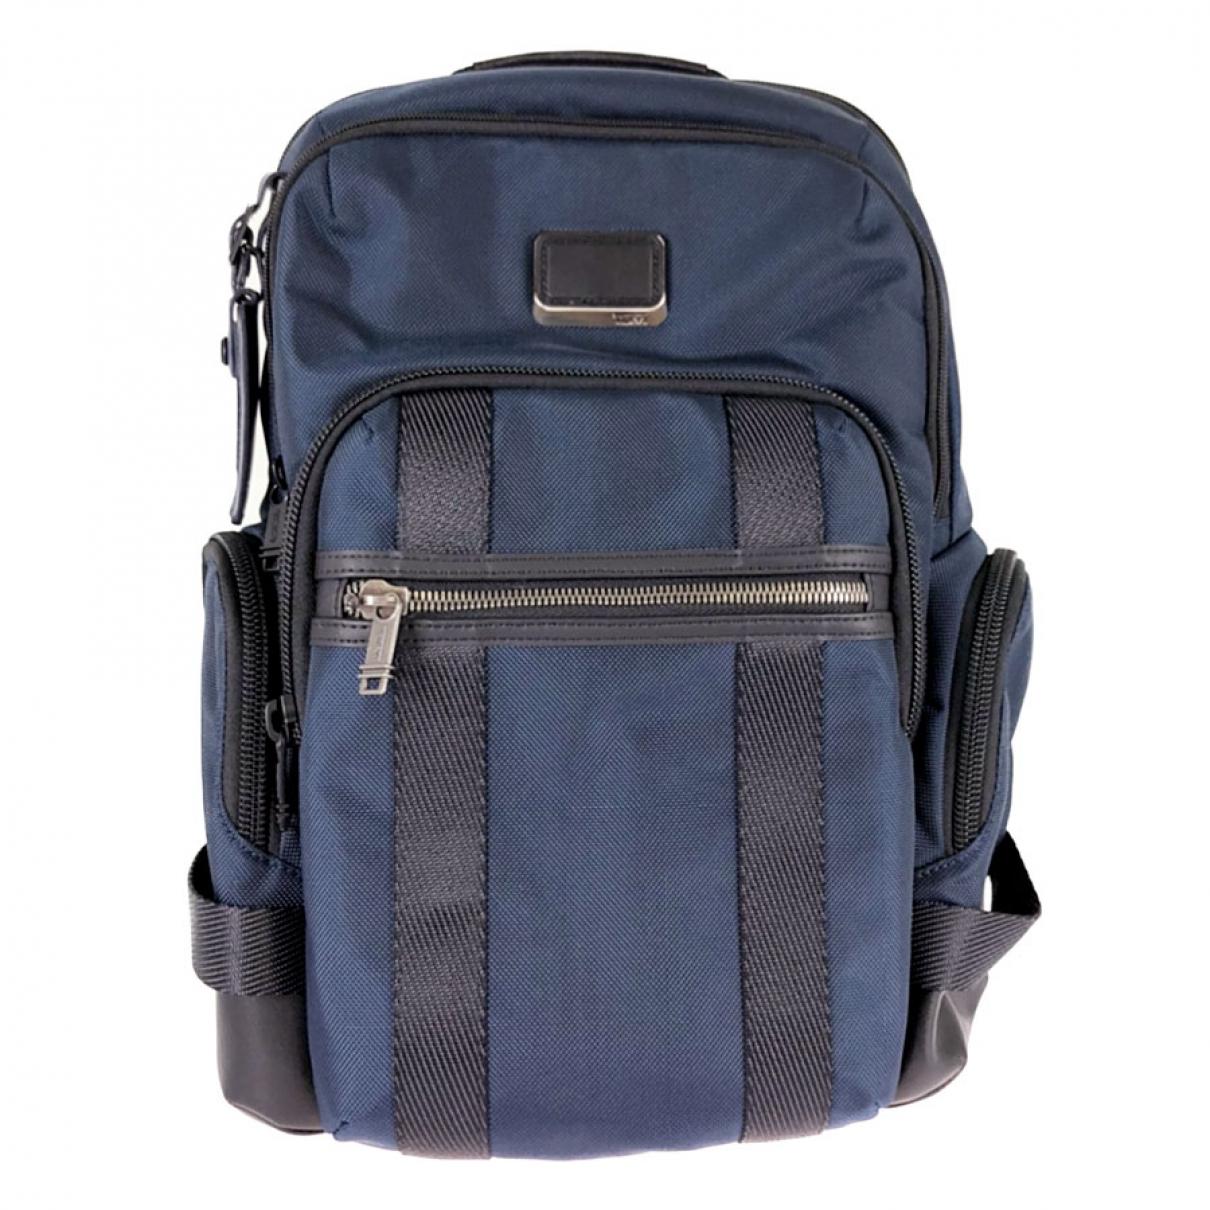 Tumi \N Navy bag for Men \N